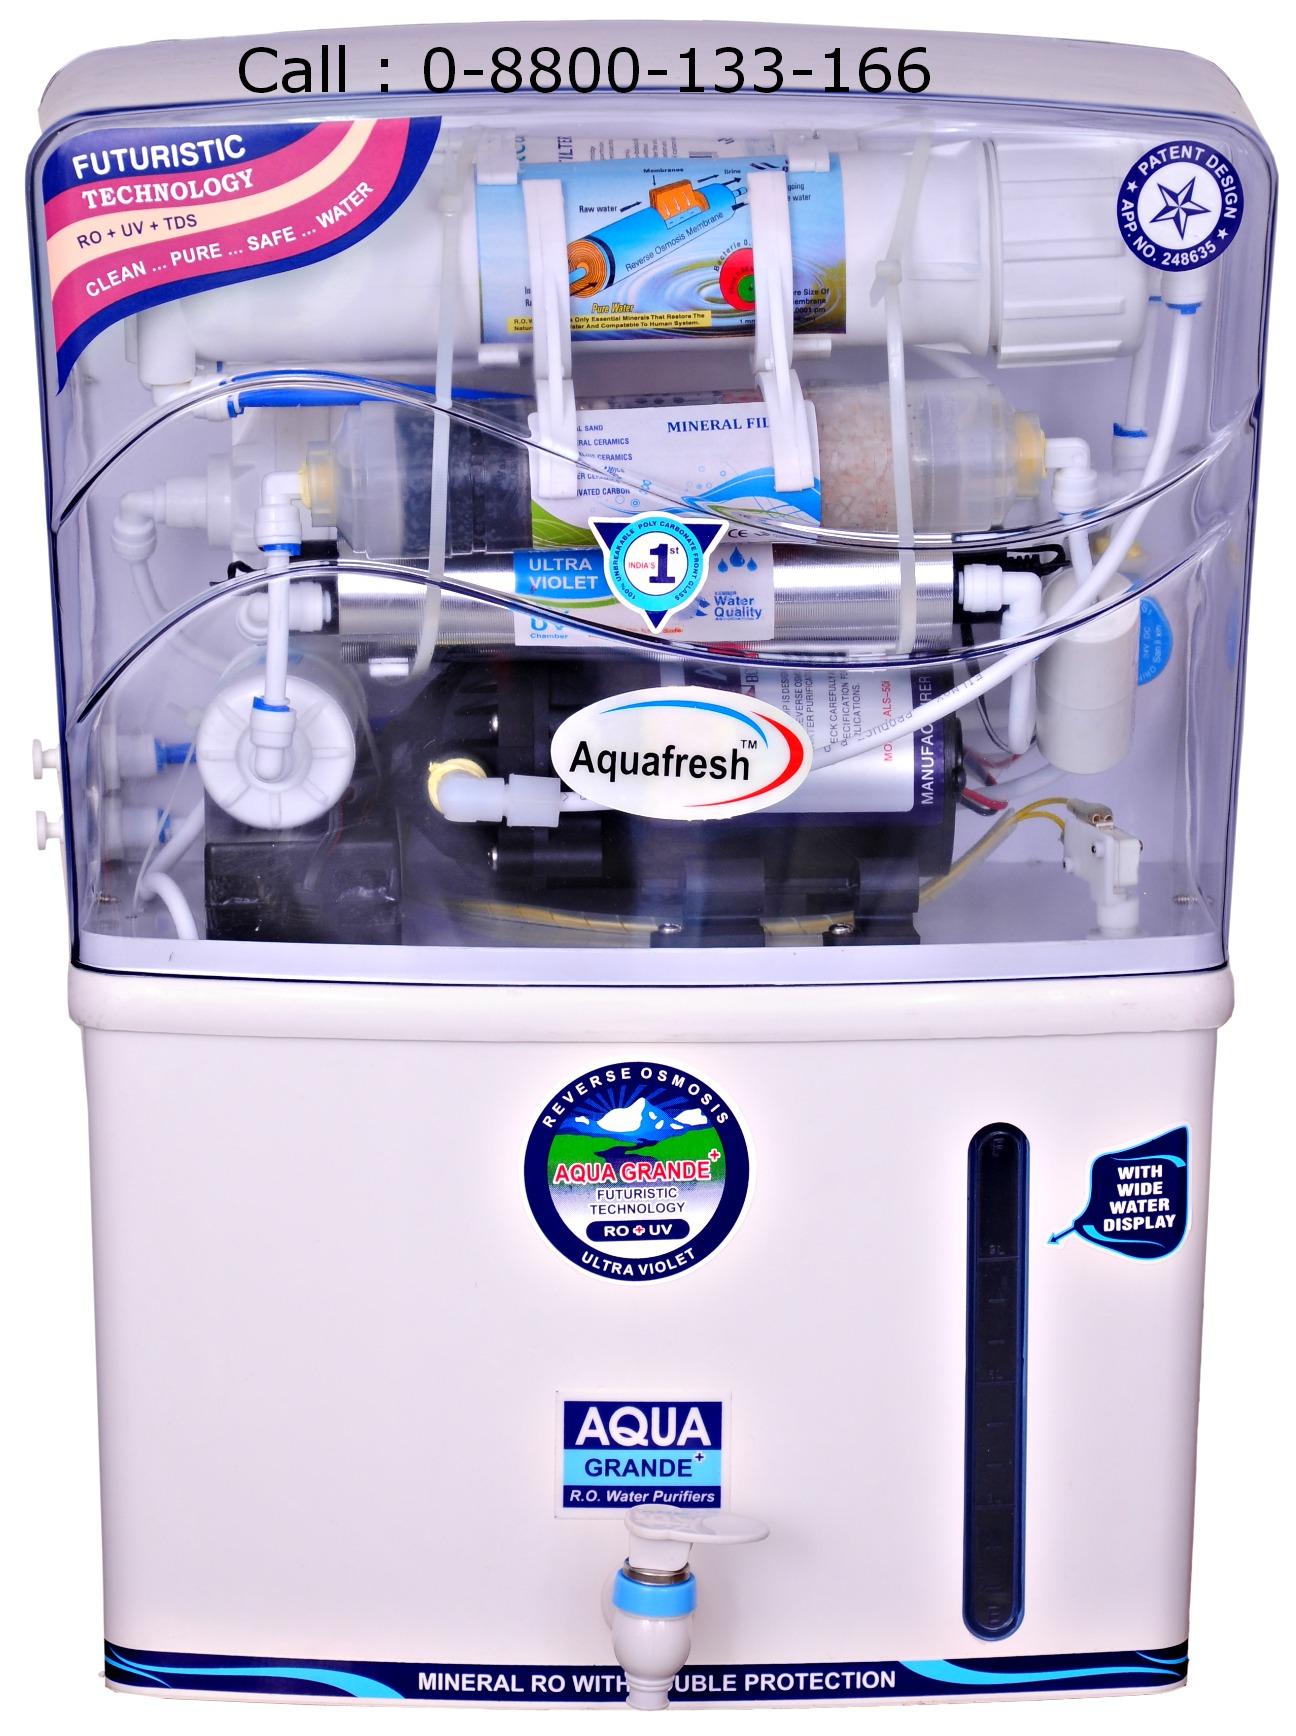 Aqua Grande +